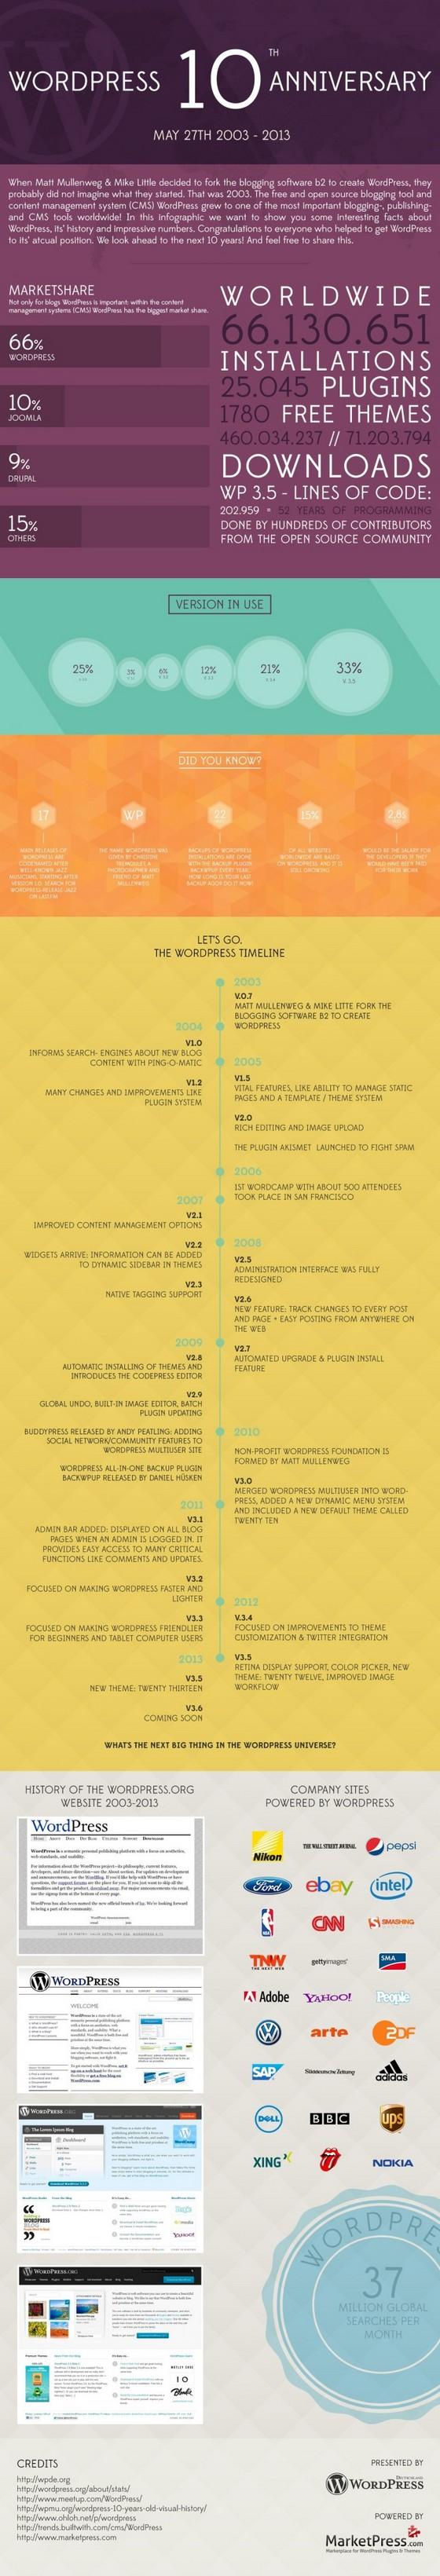 wordpress_10_years_anniversary_infographic_by_marketpress_small